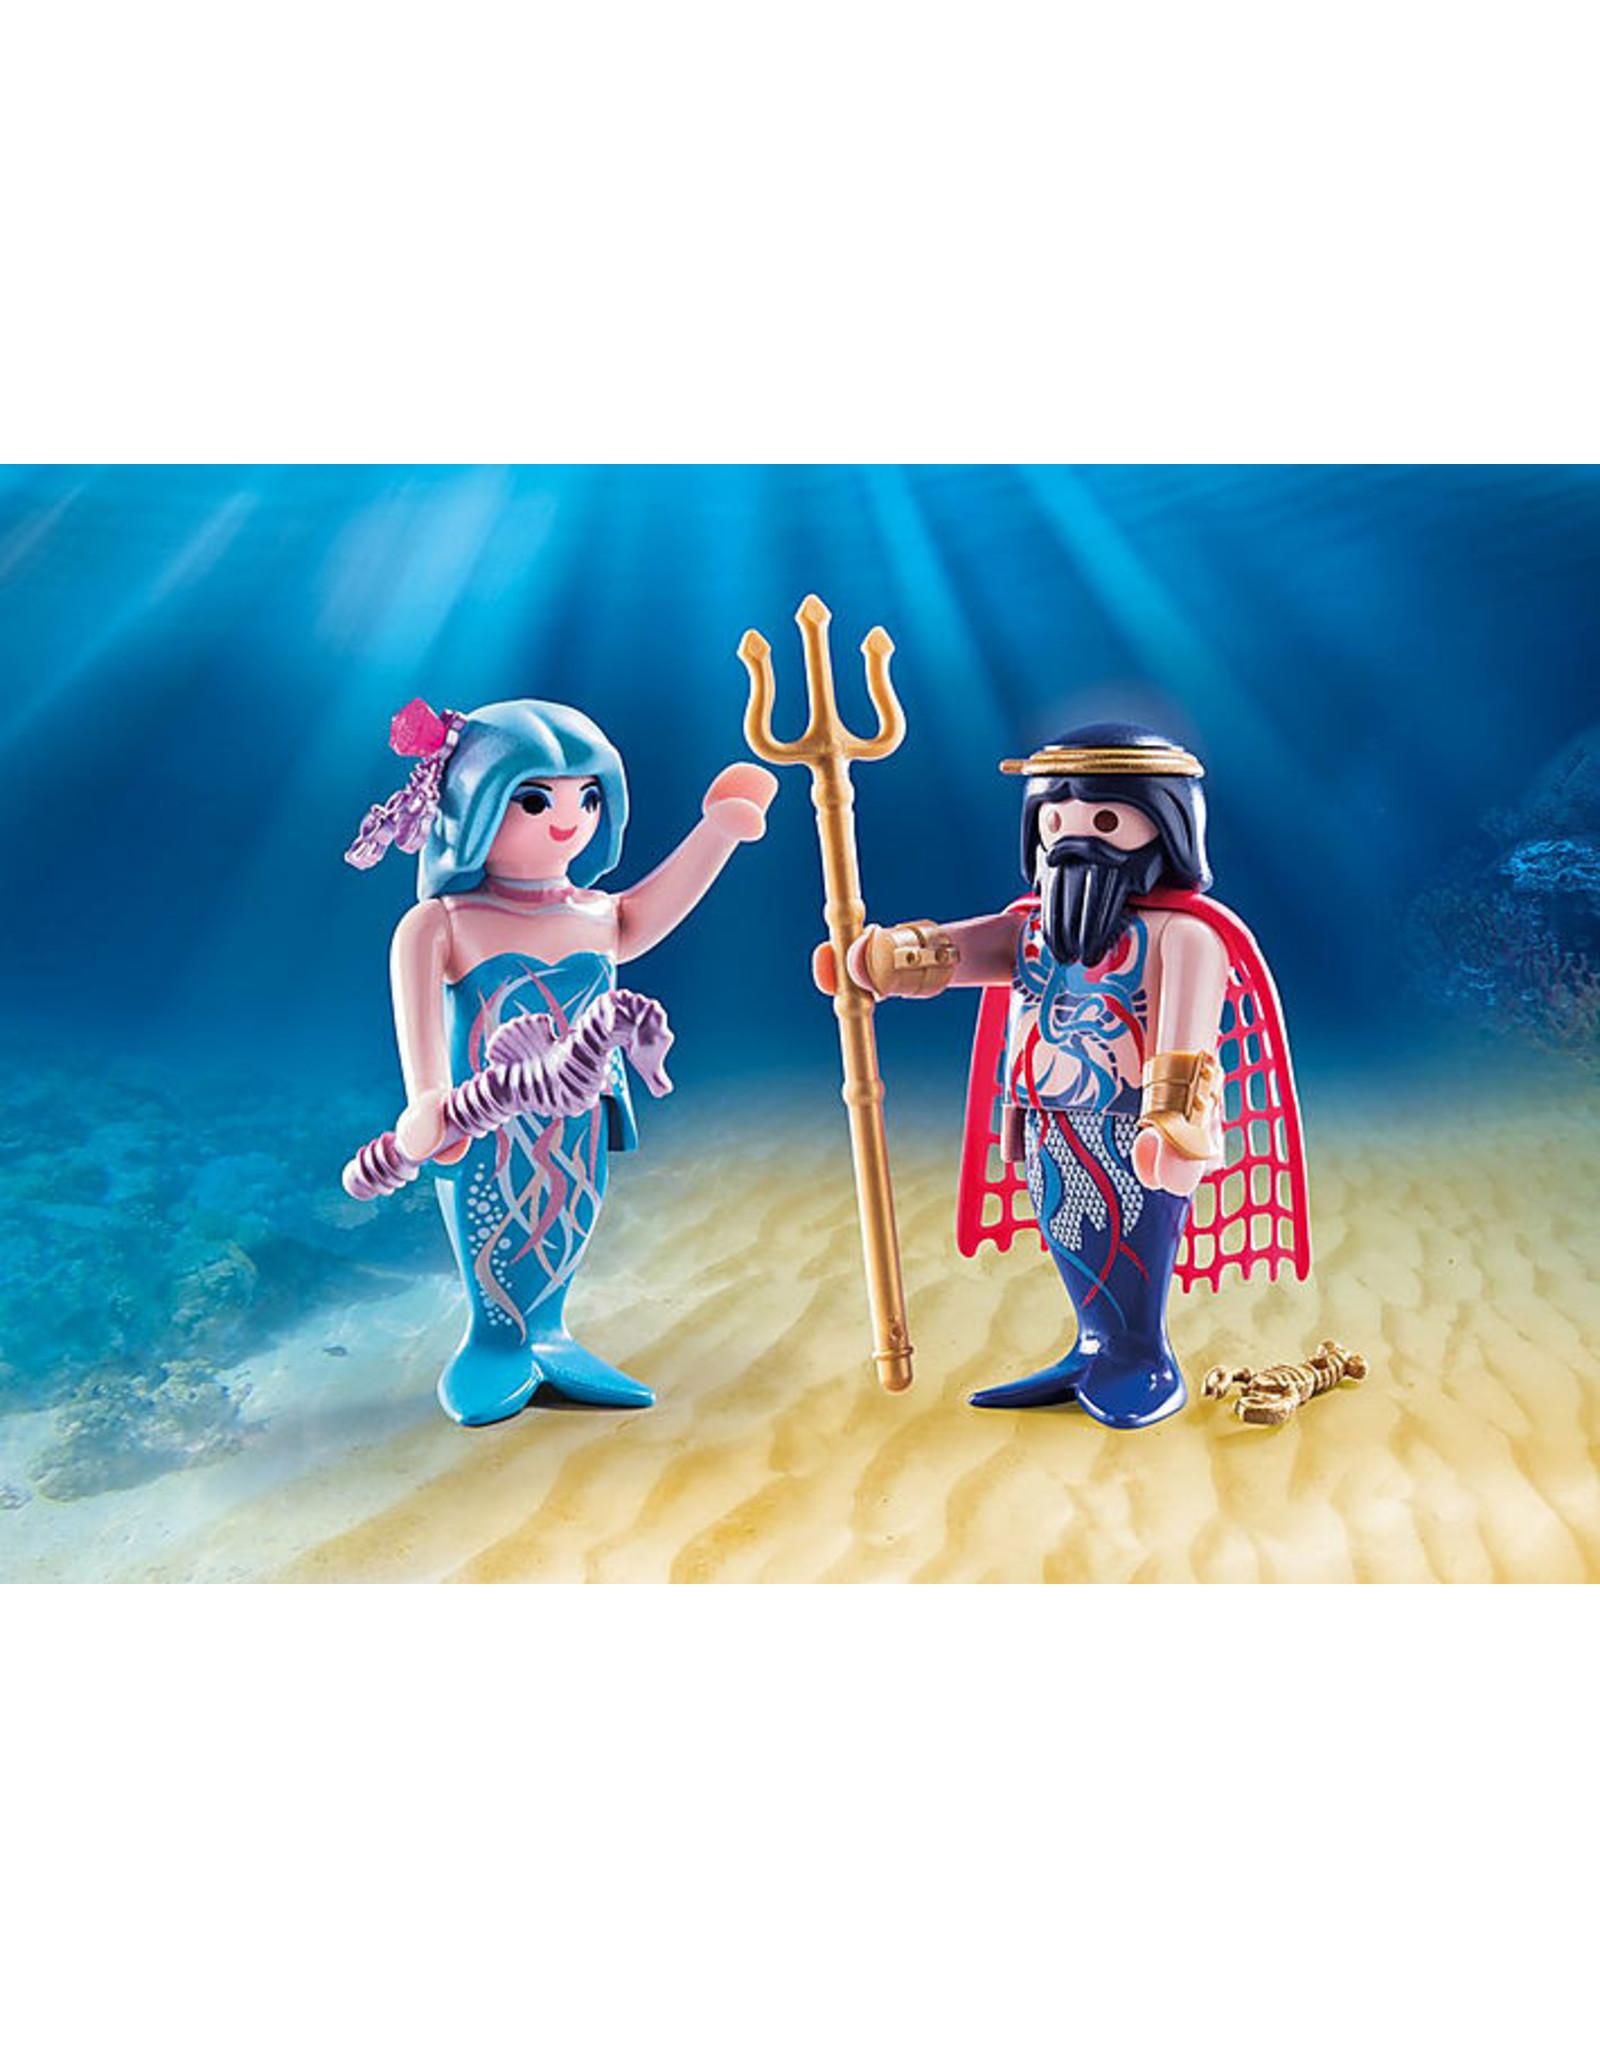 Playmobil Sea King And Mermaid Playmobil 70082  Duo Pack